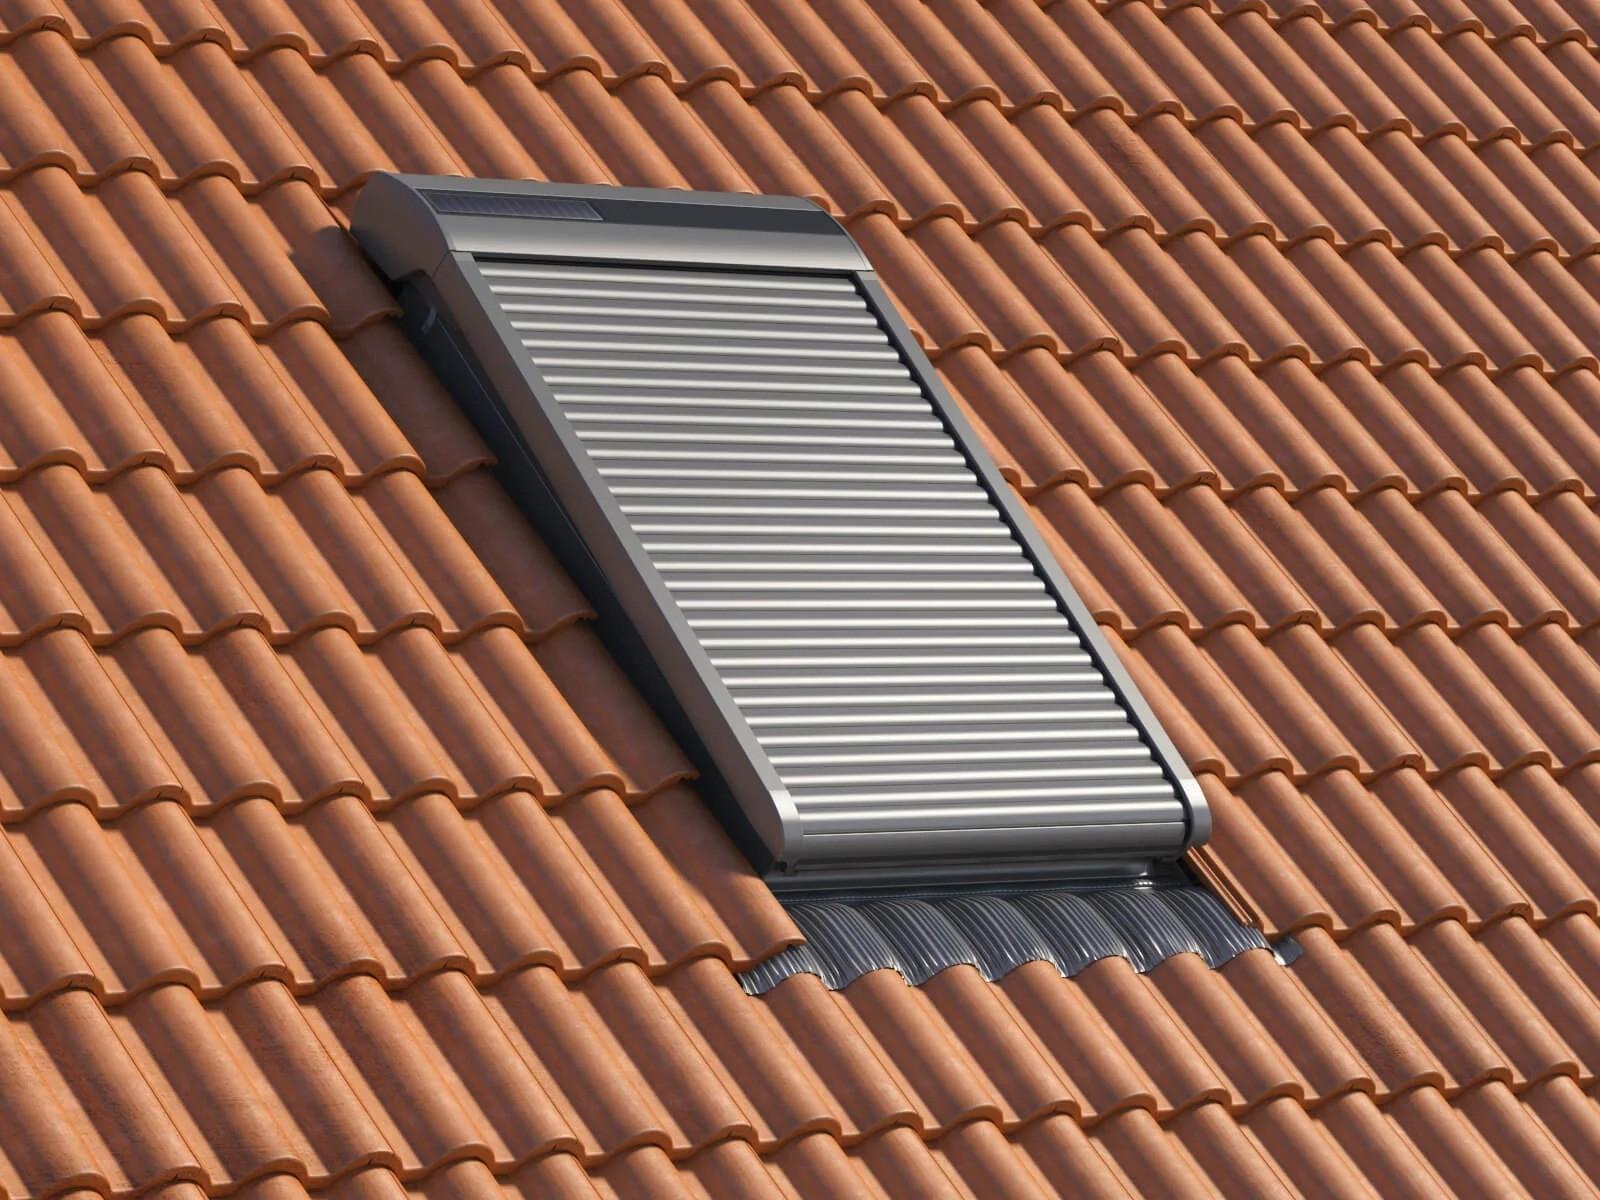 RoofLITE+ Solar Roller Shutters